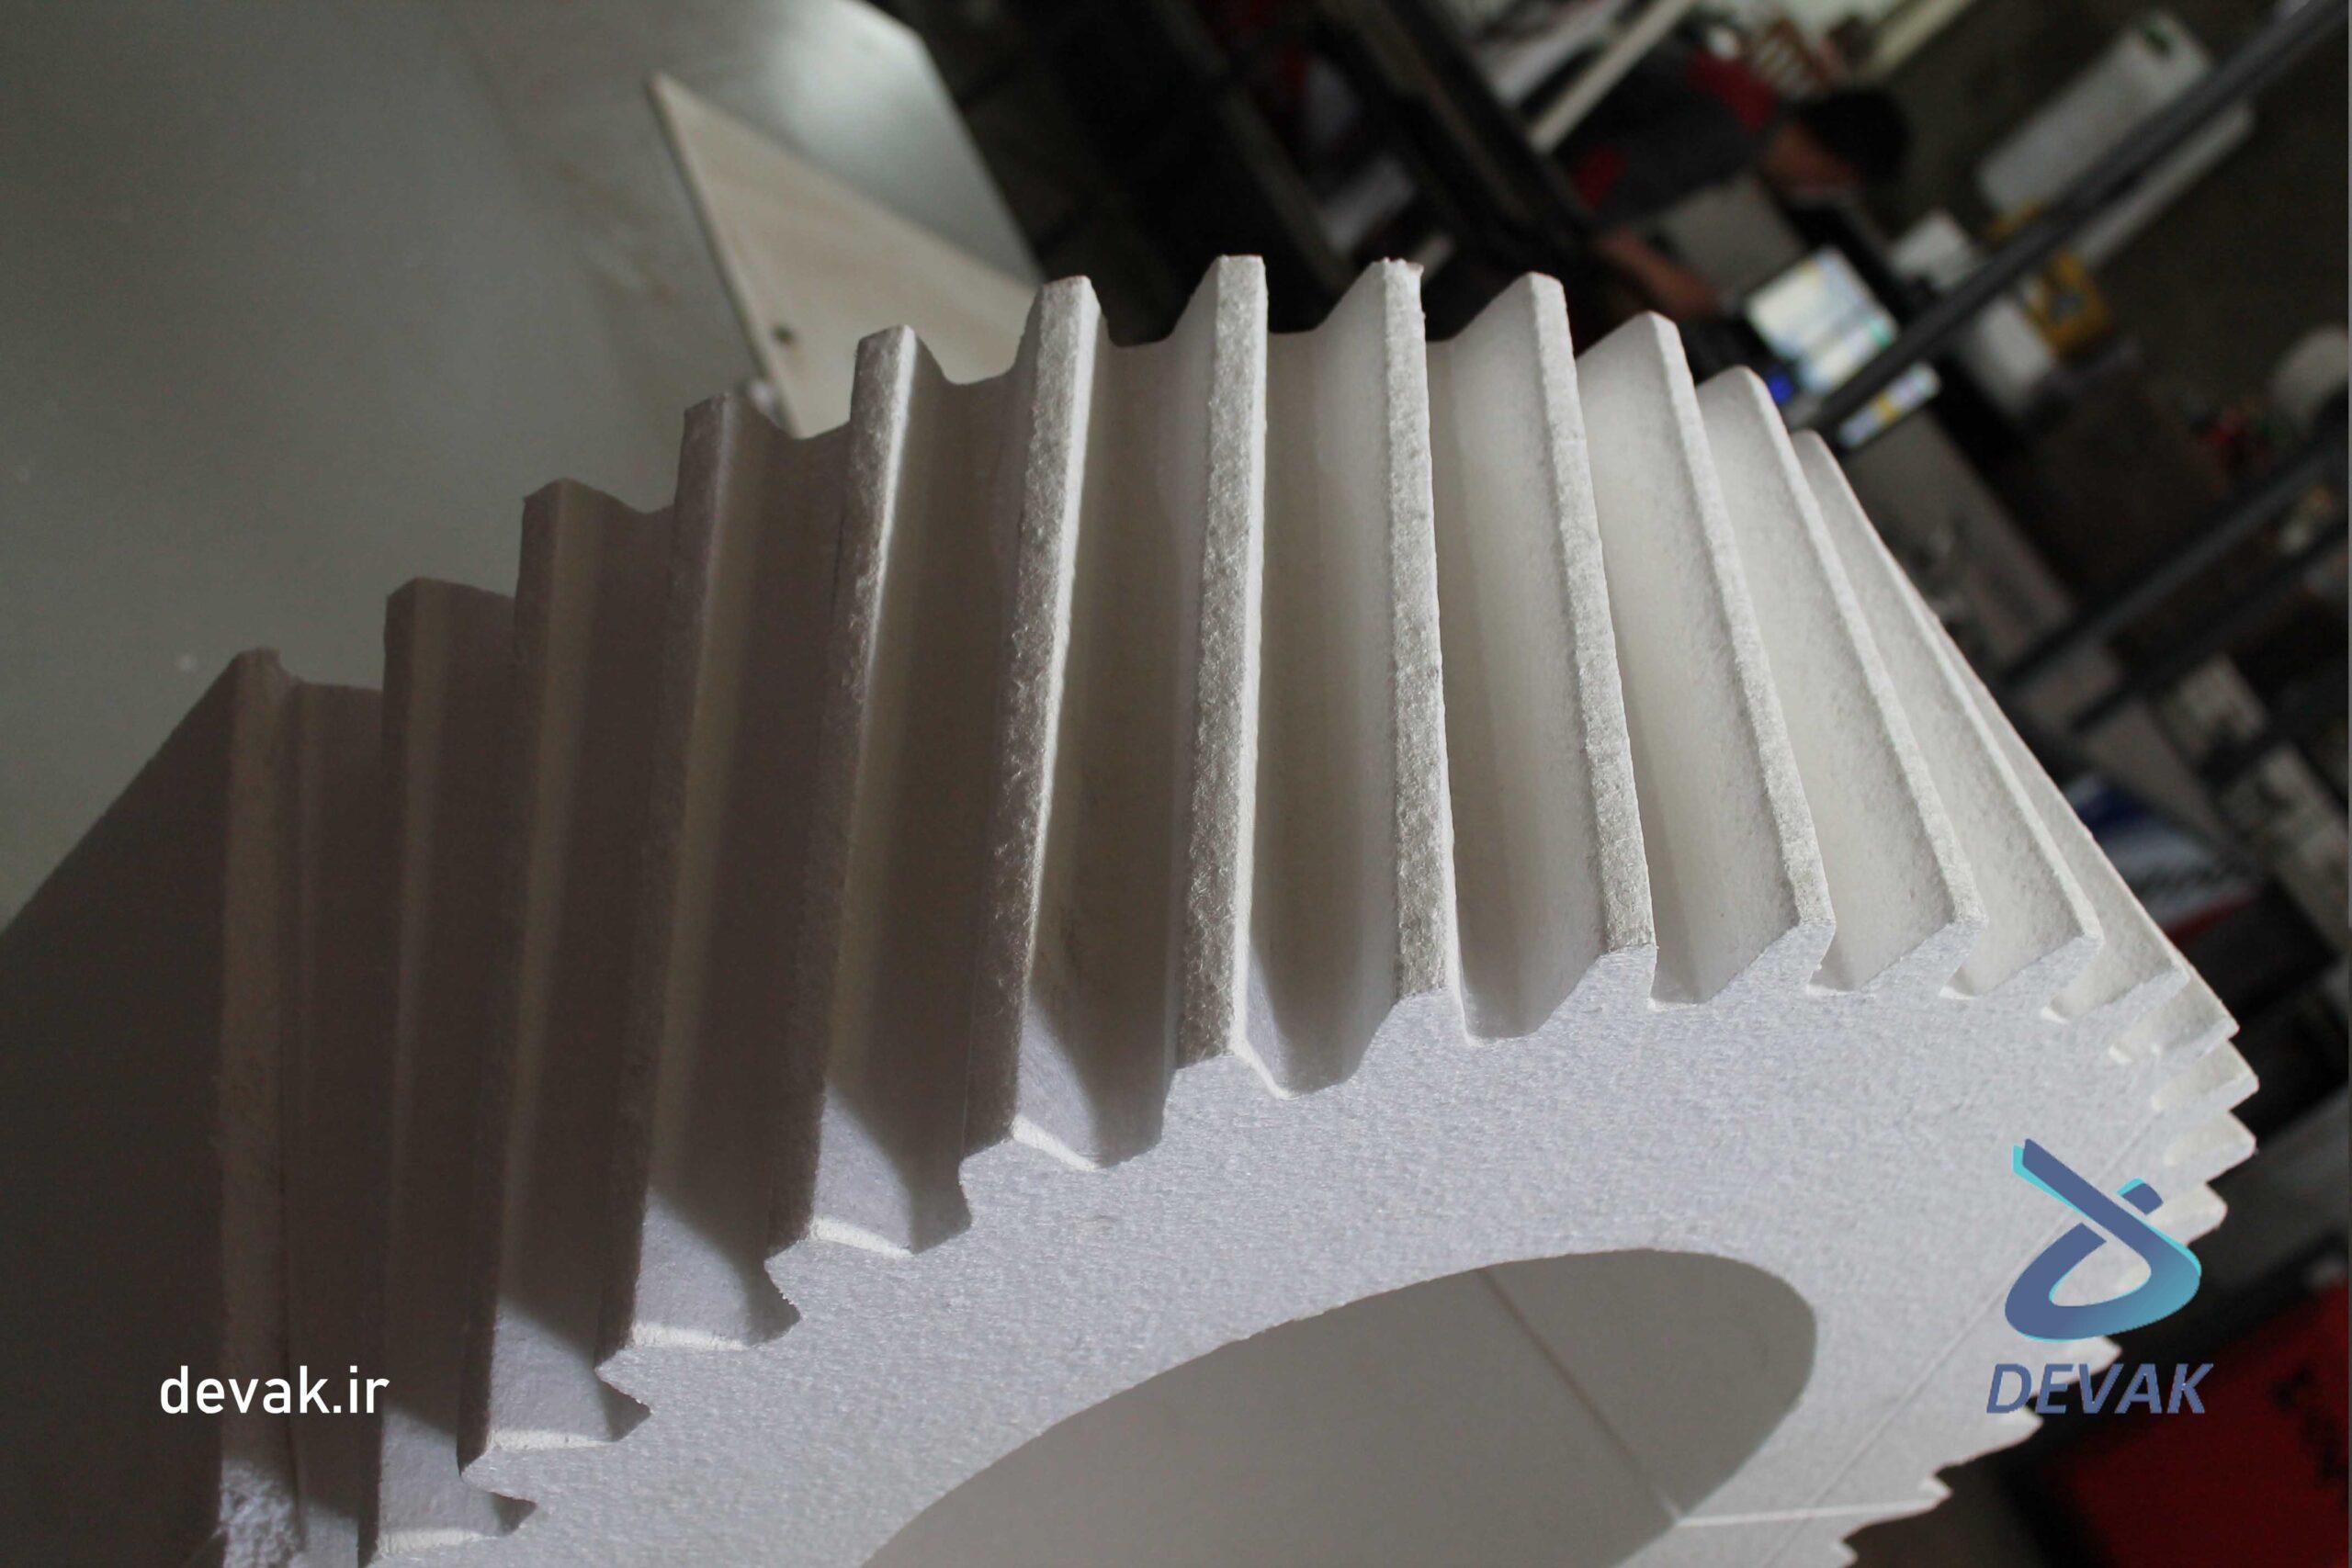 دستگاه ساخت و برش قالب با یونولیت